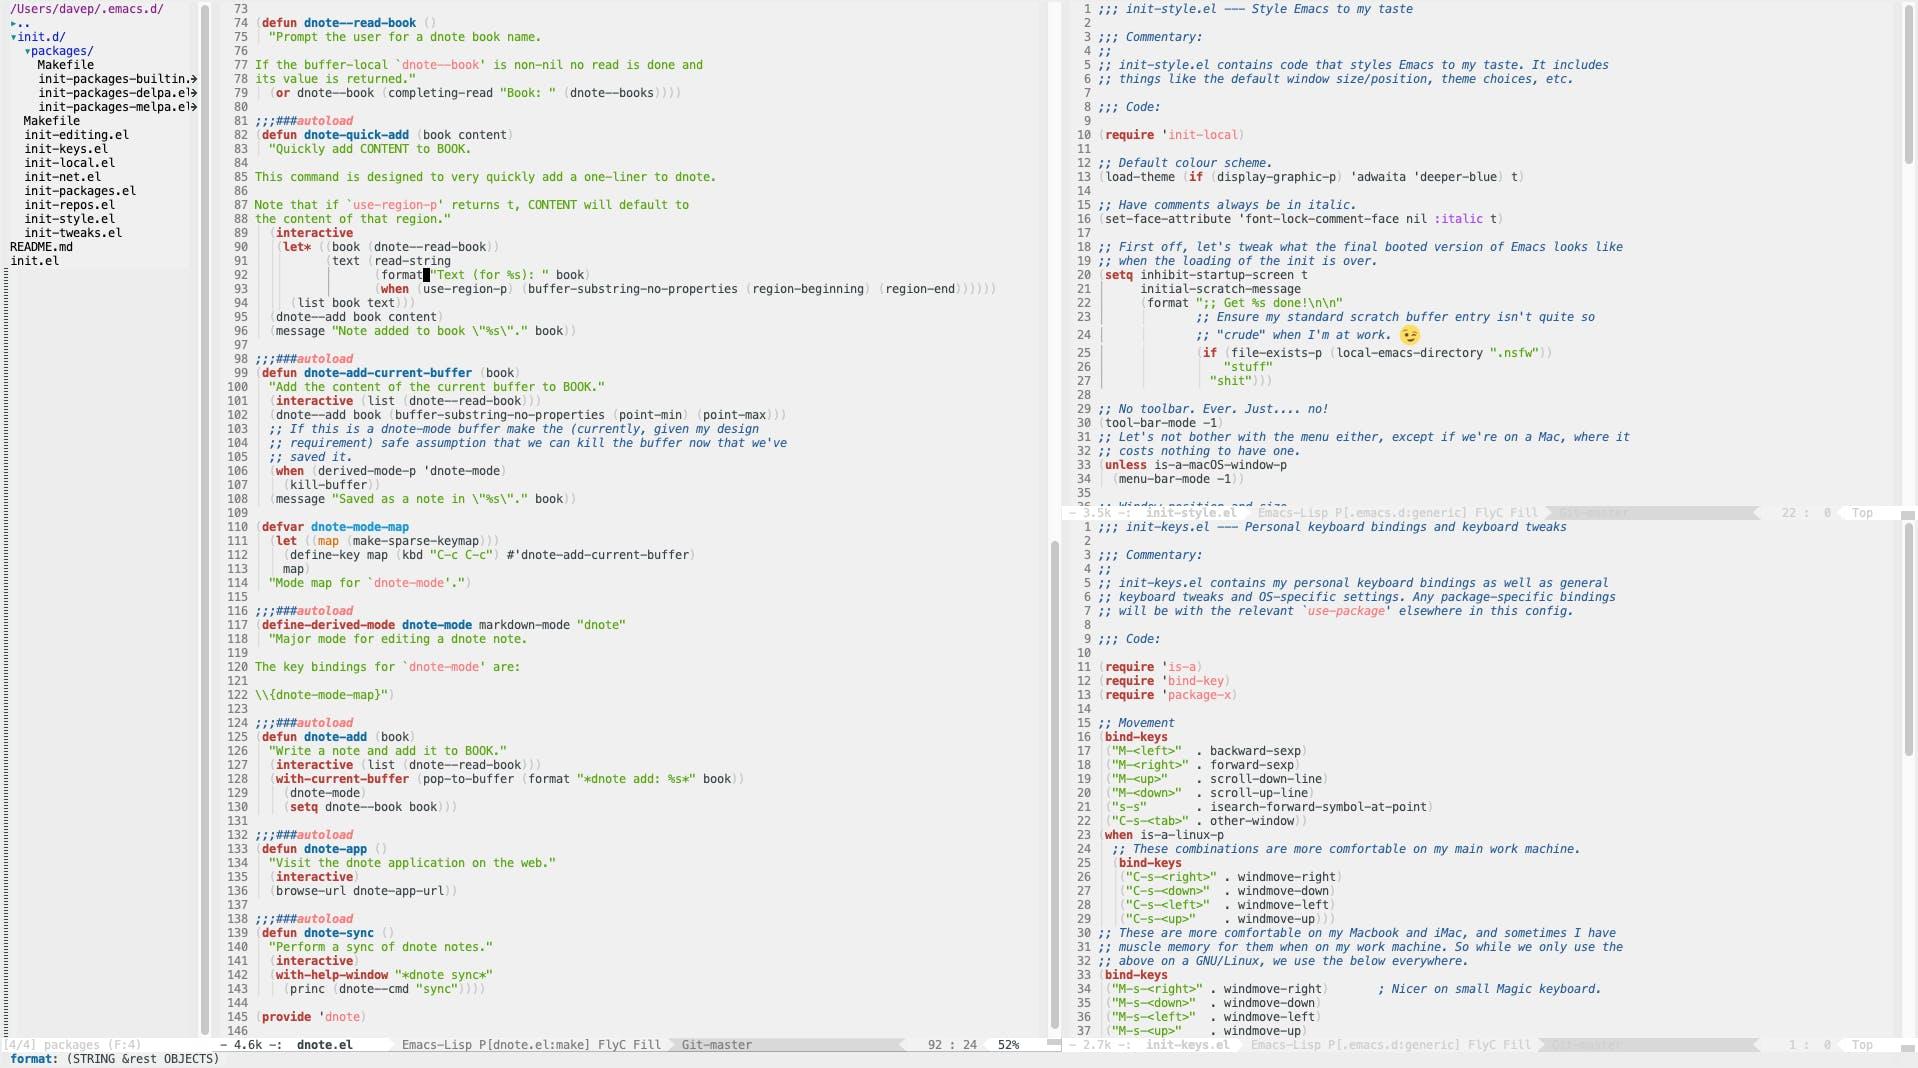 Screenshot 2020-01-11 at 13.49.04.png